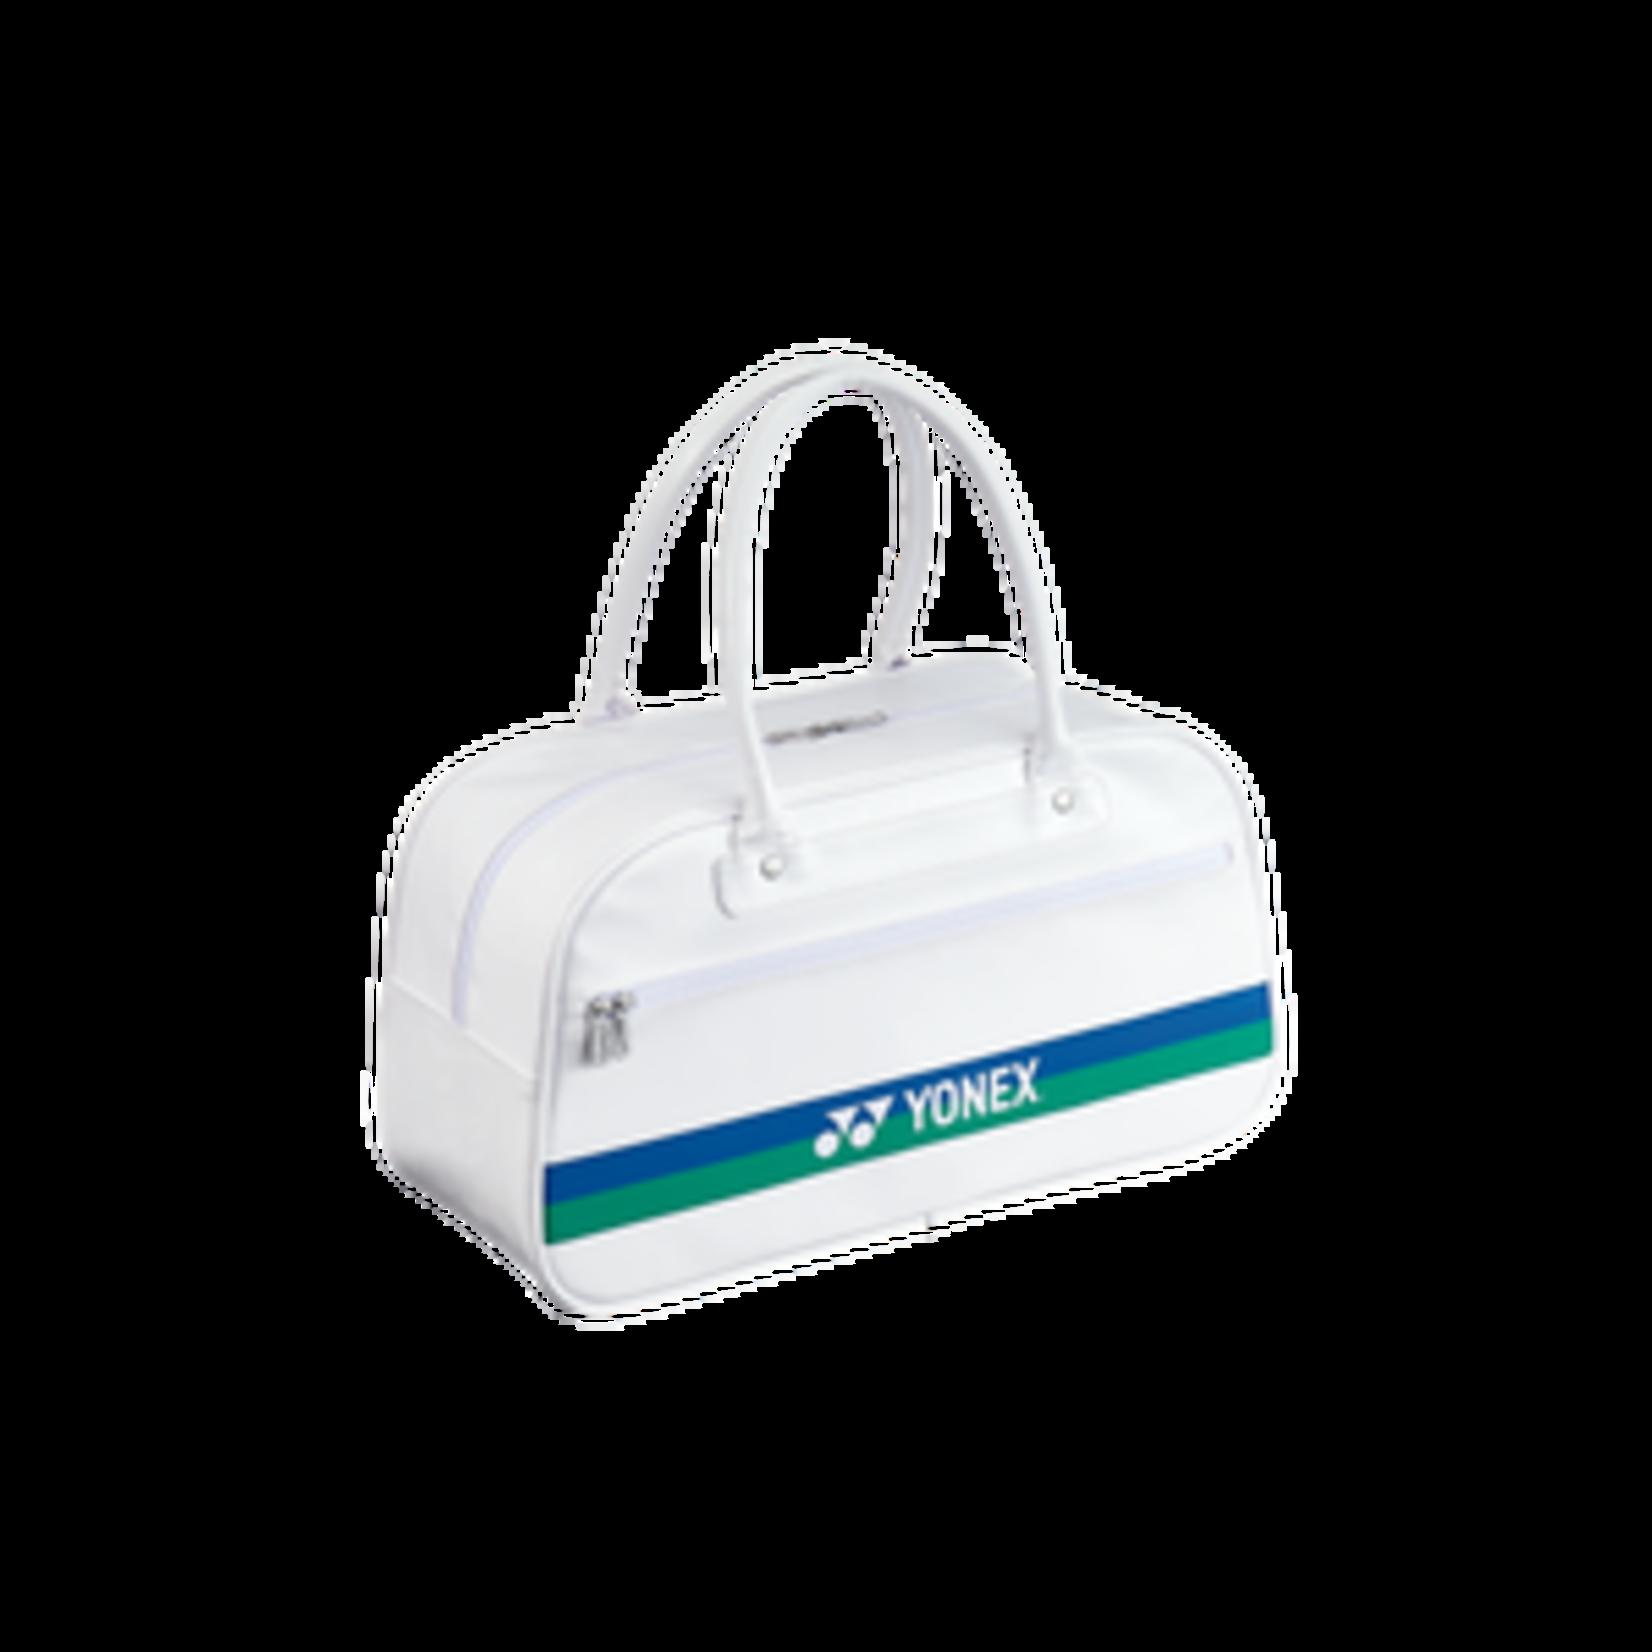 Yonex Yonex Bag BA31AEEX